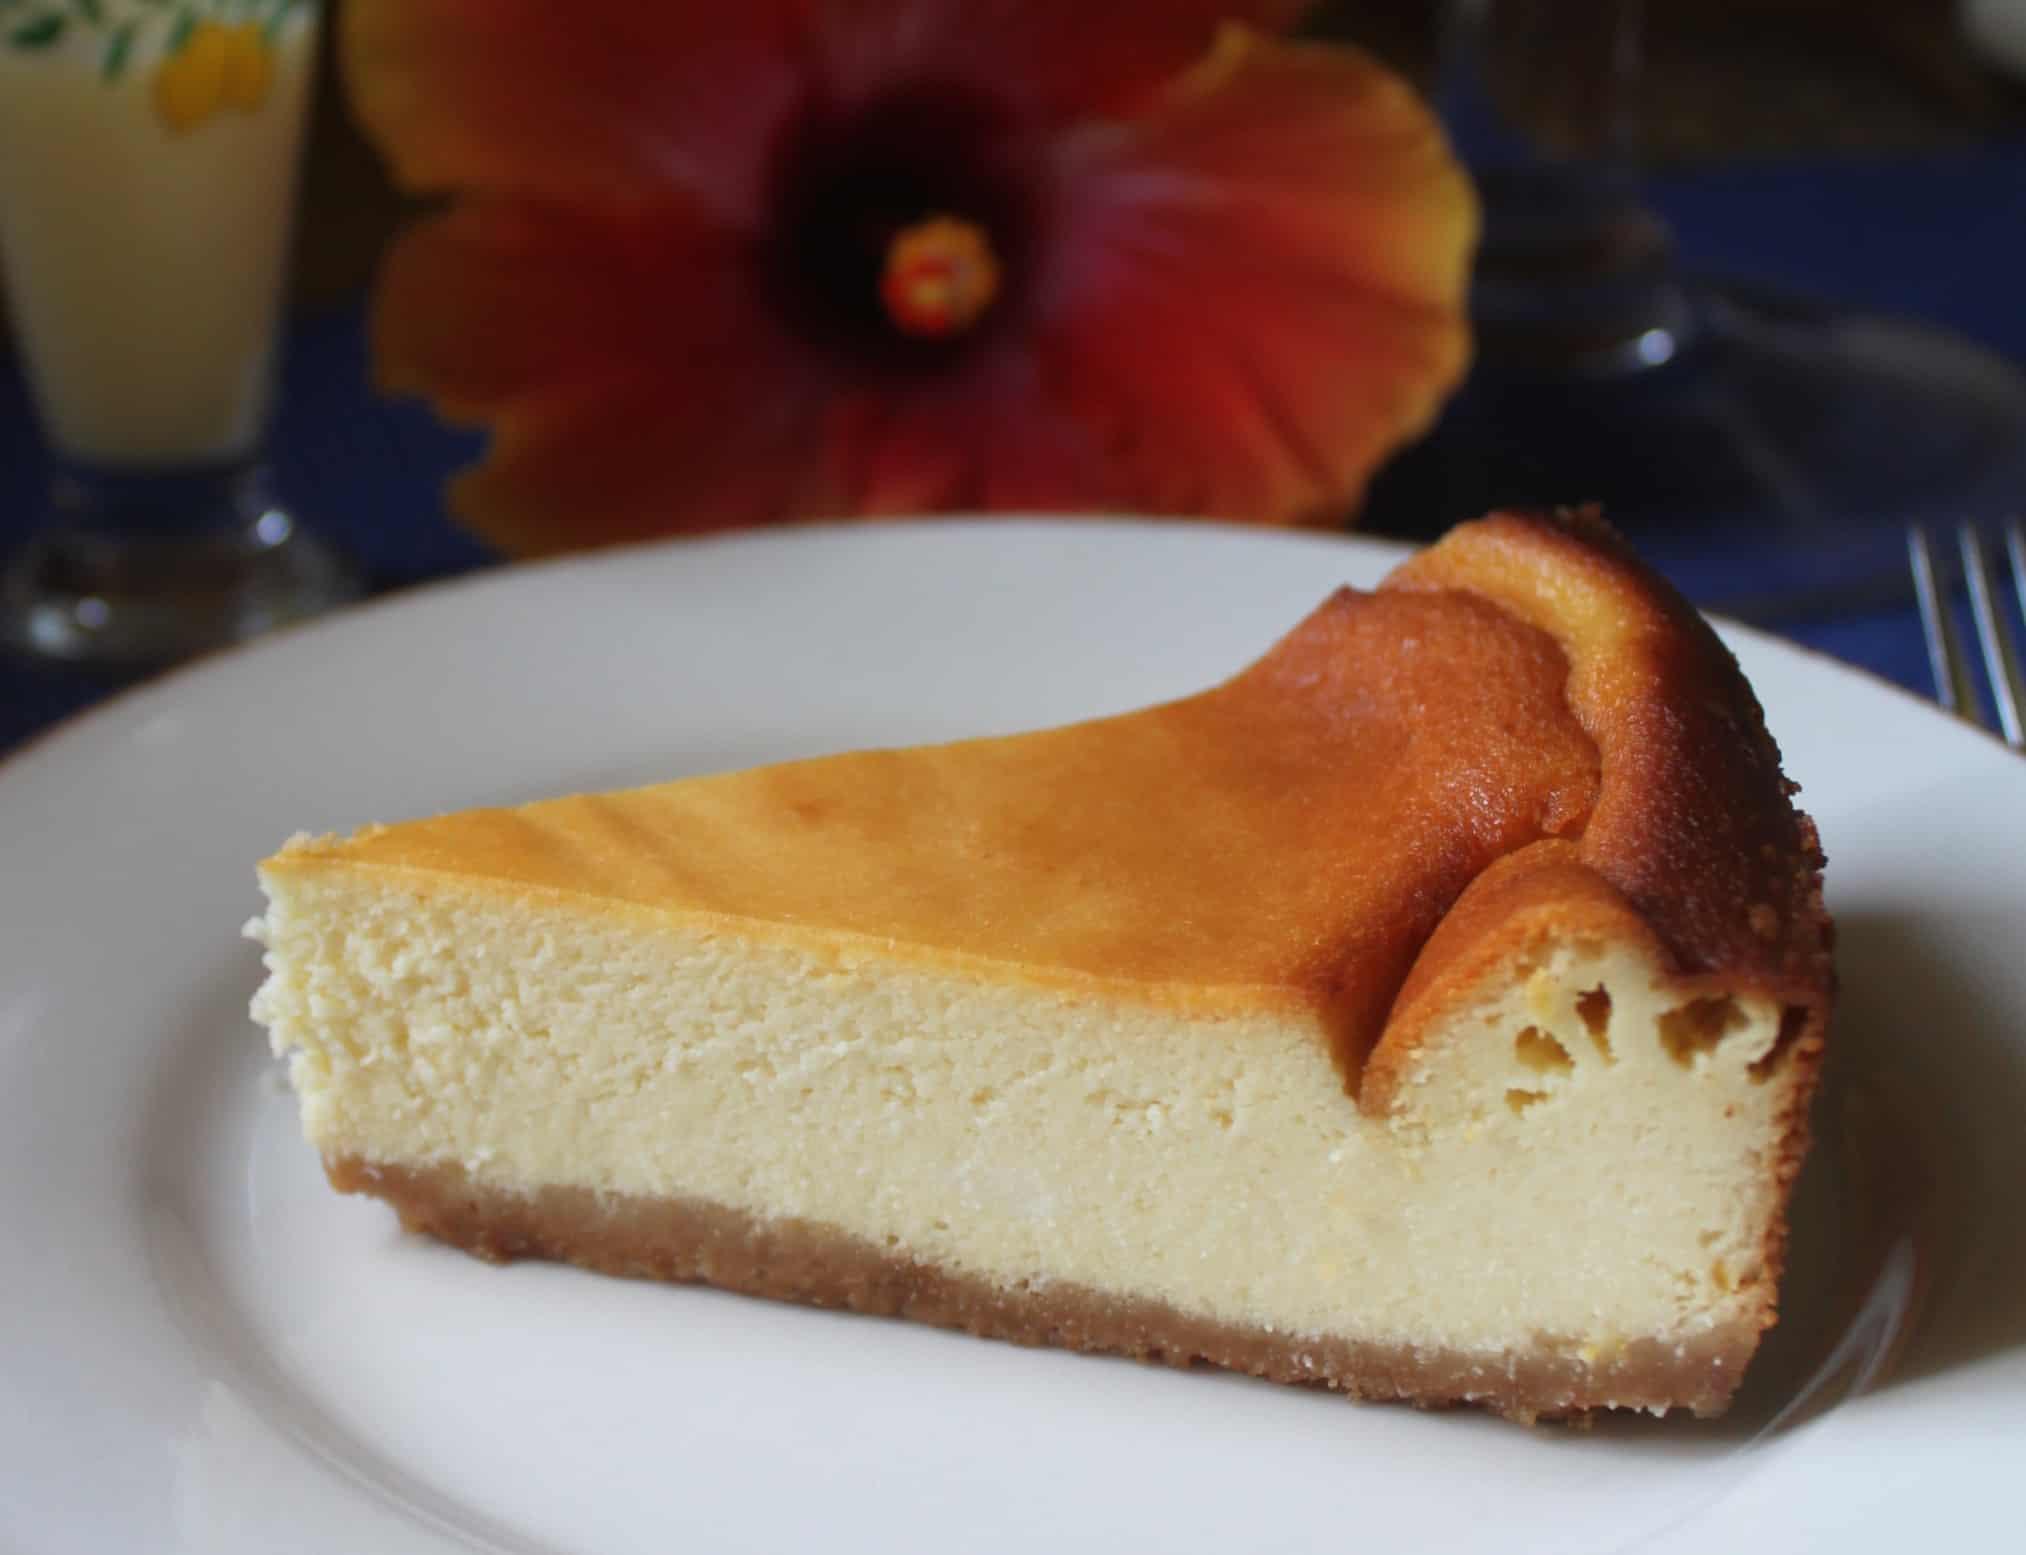 Italian Cheese Cake Image